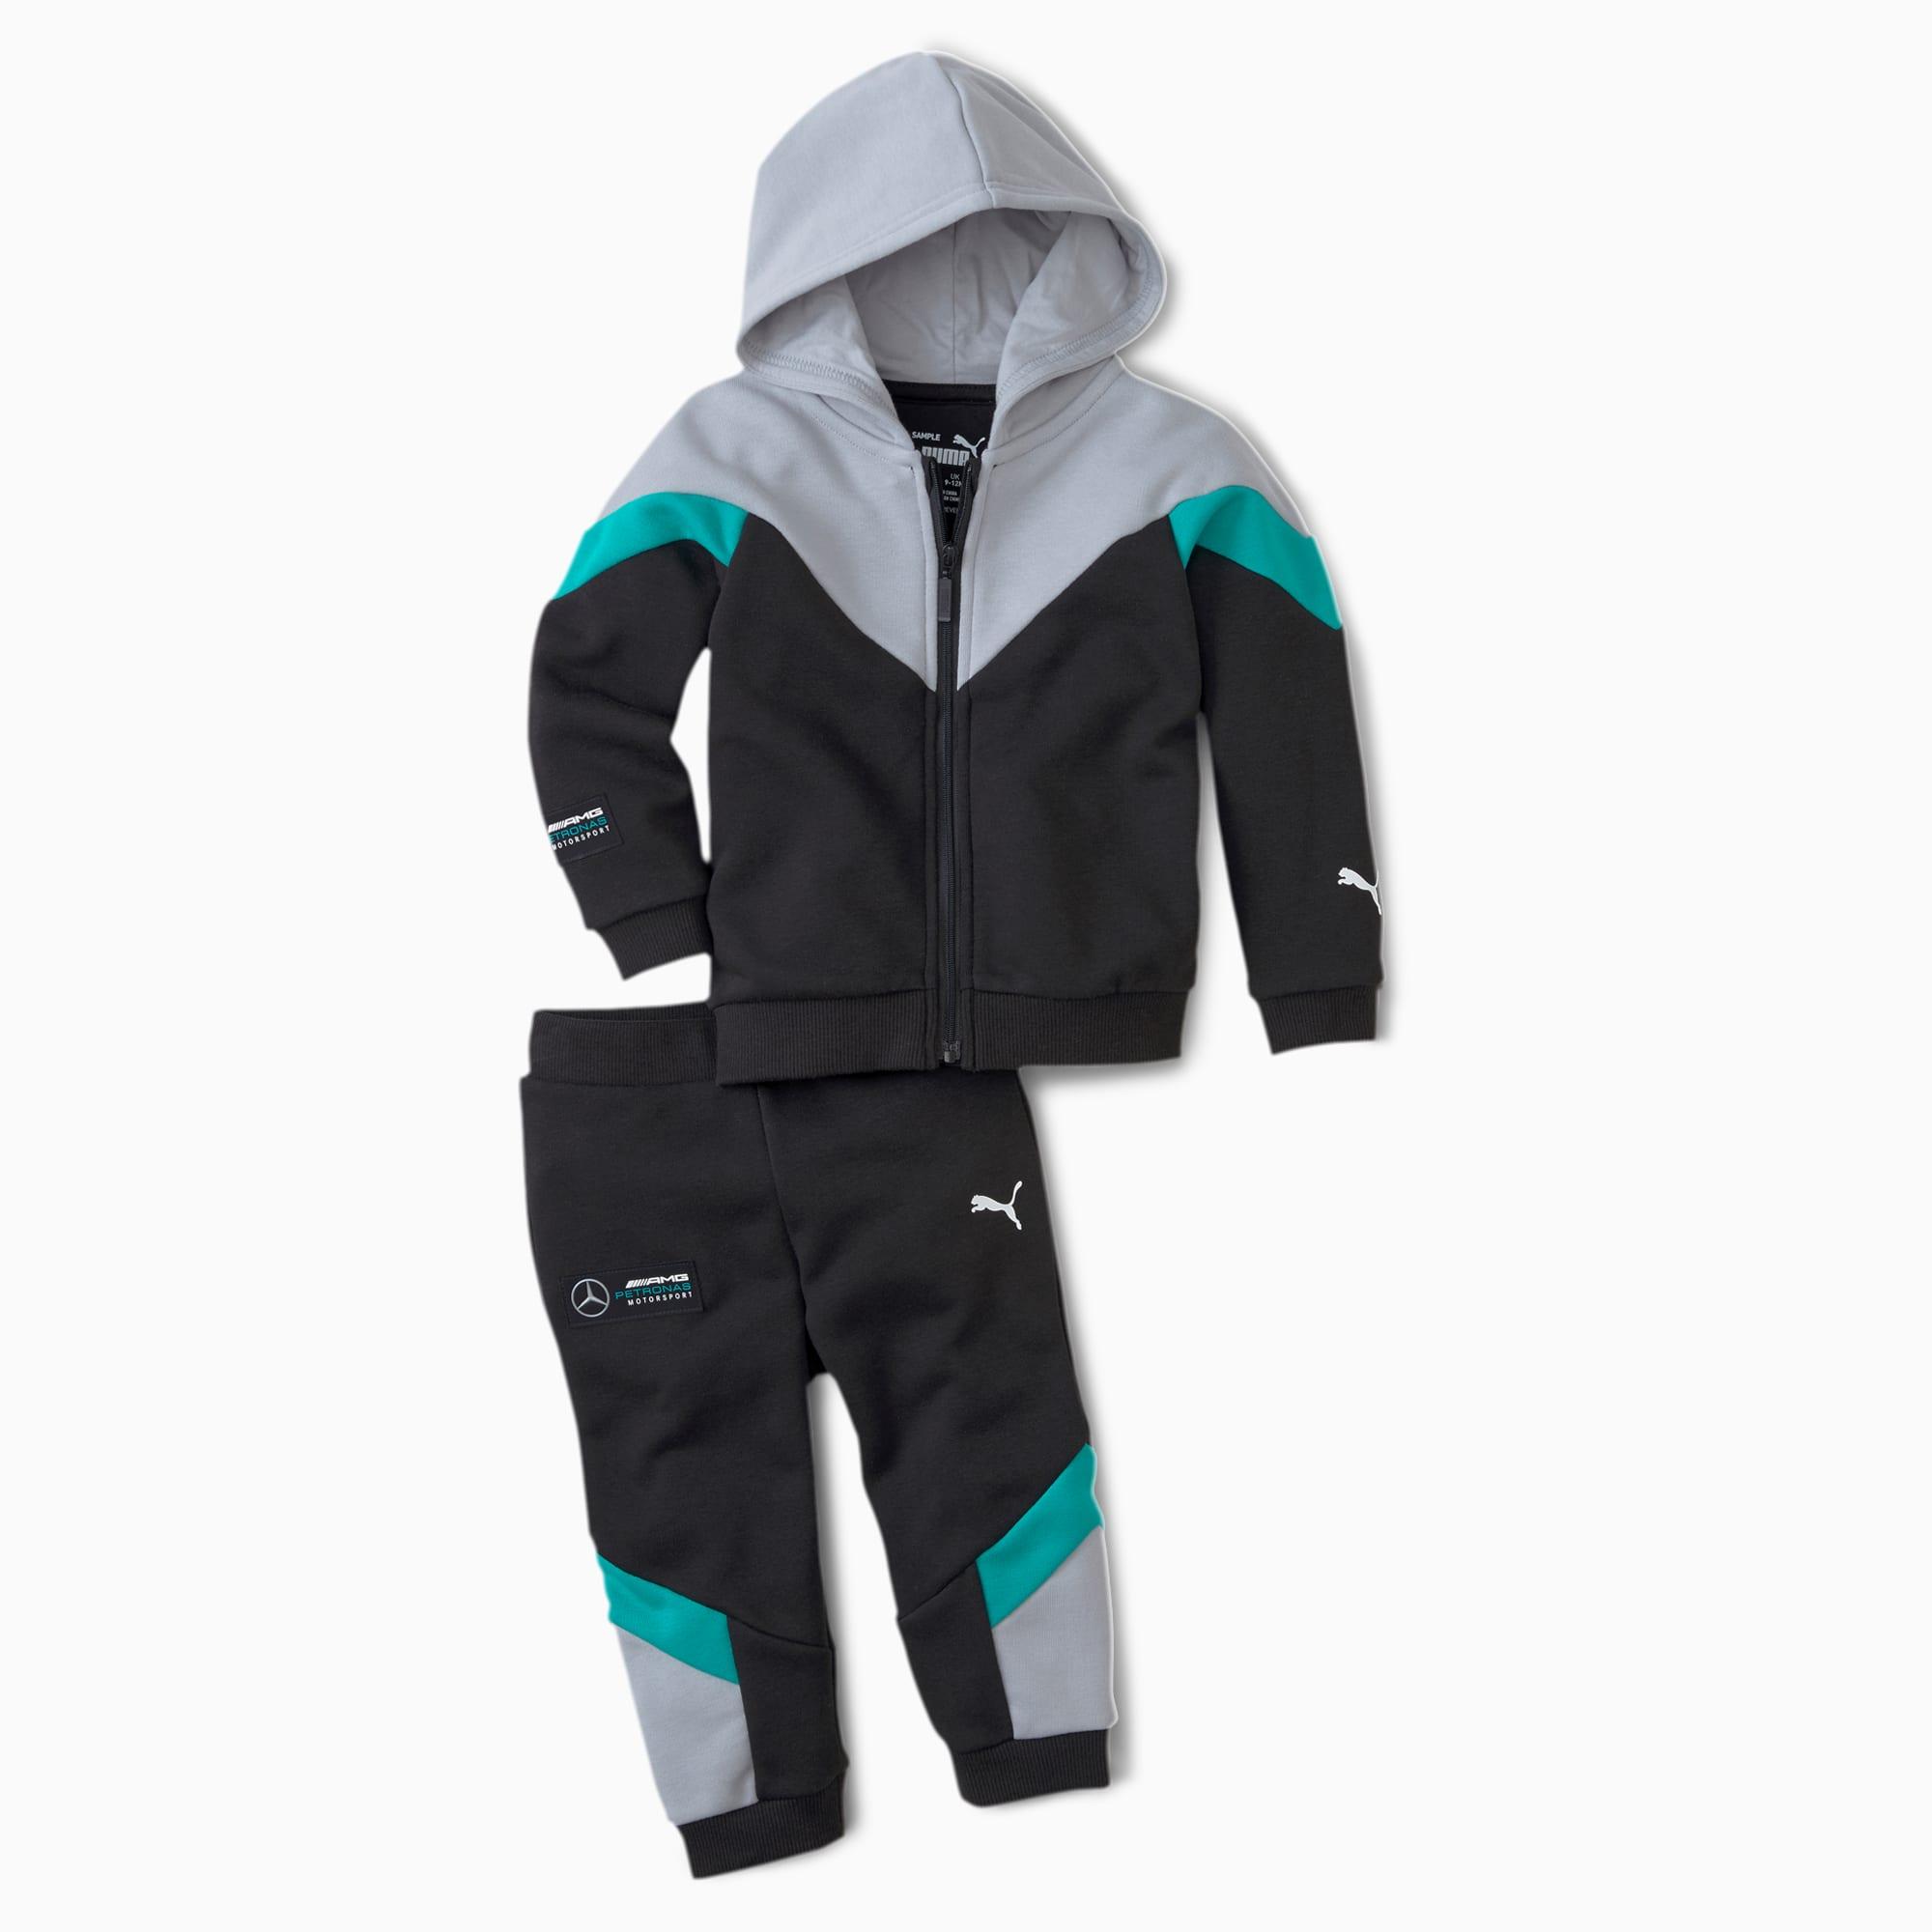 PUMA Mercedes Babies Jogginganzug-Set Für Kinder   Mit Aucun   Schwarz   Größe: 74 598336_01_74